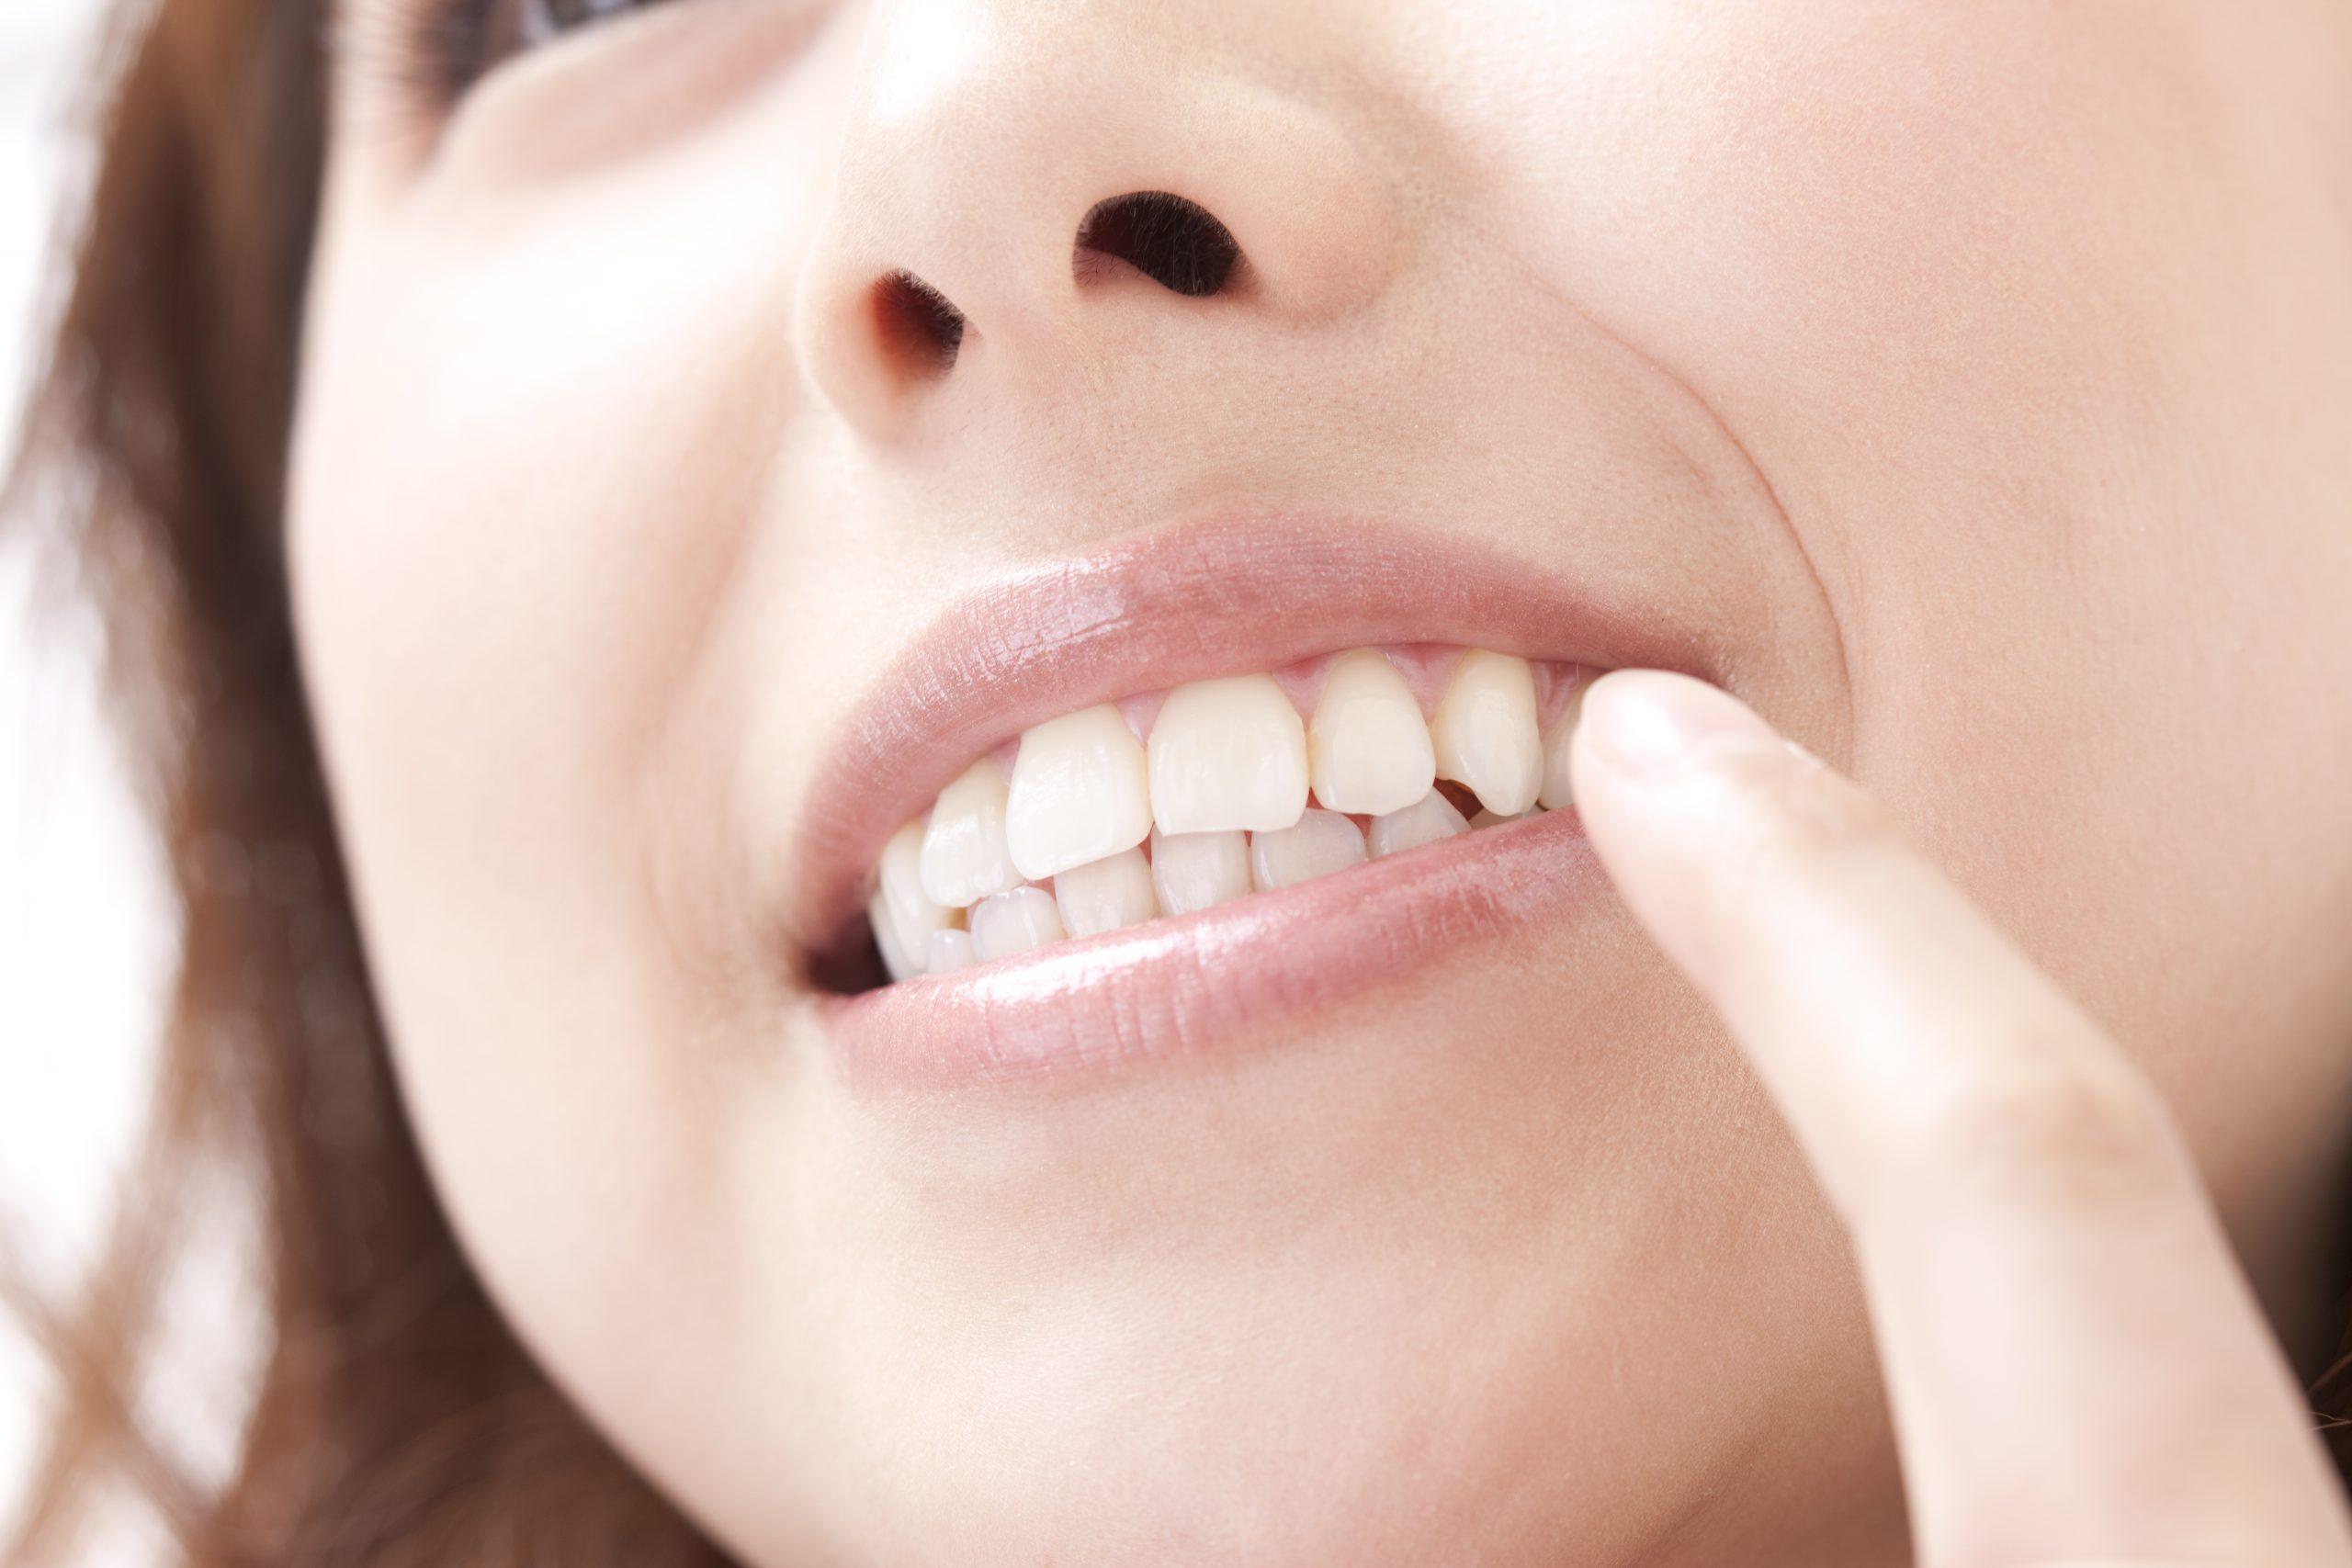 矯正治療:見た目だけでなく歯並びは健康にも影響します